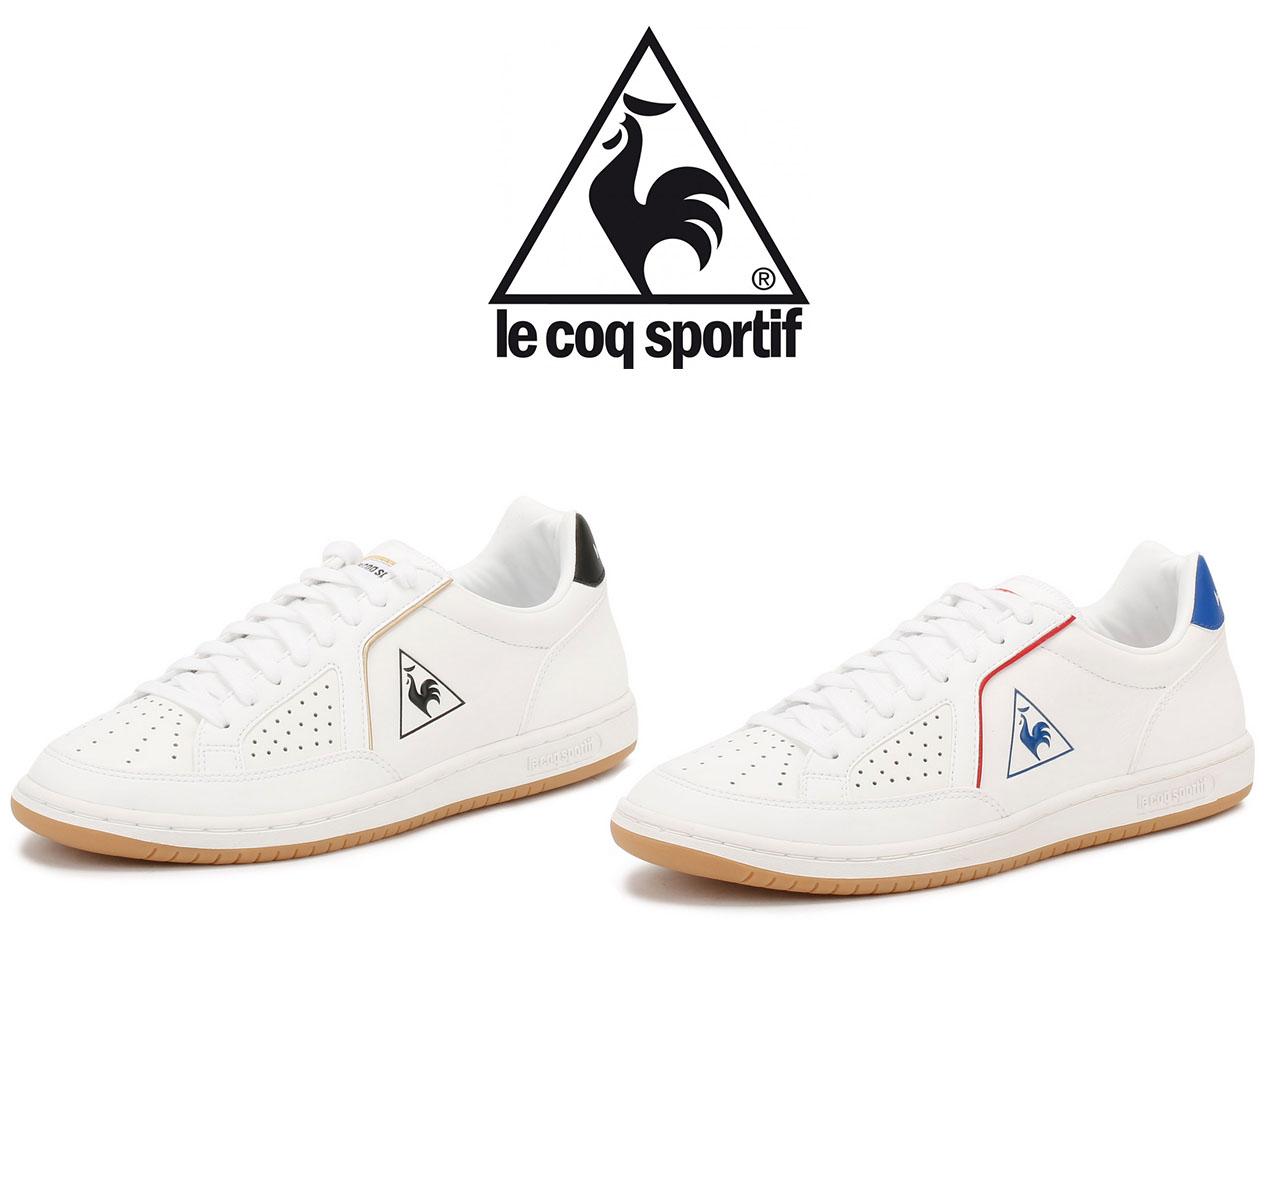 6c61e544e8a8 Le Coq Sportif para hombre Icons entrenadores